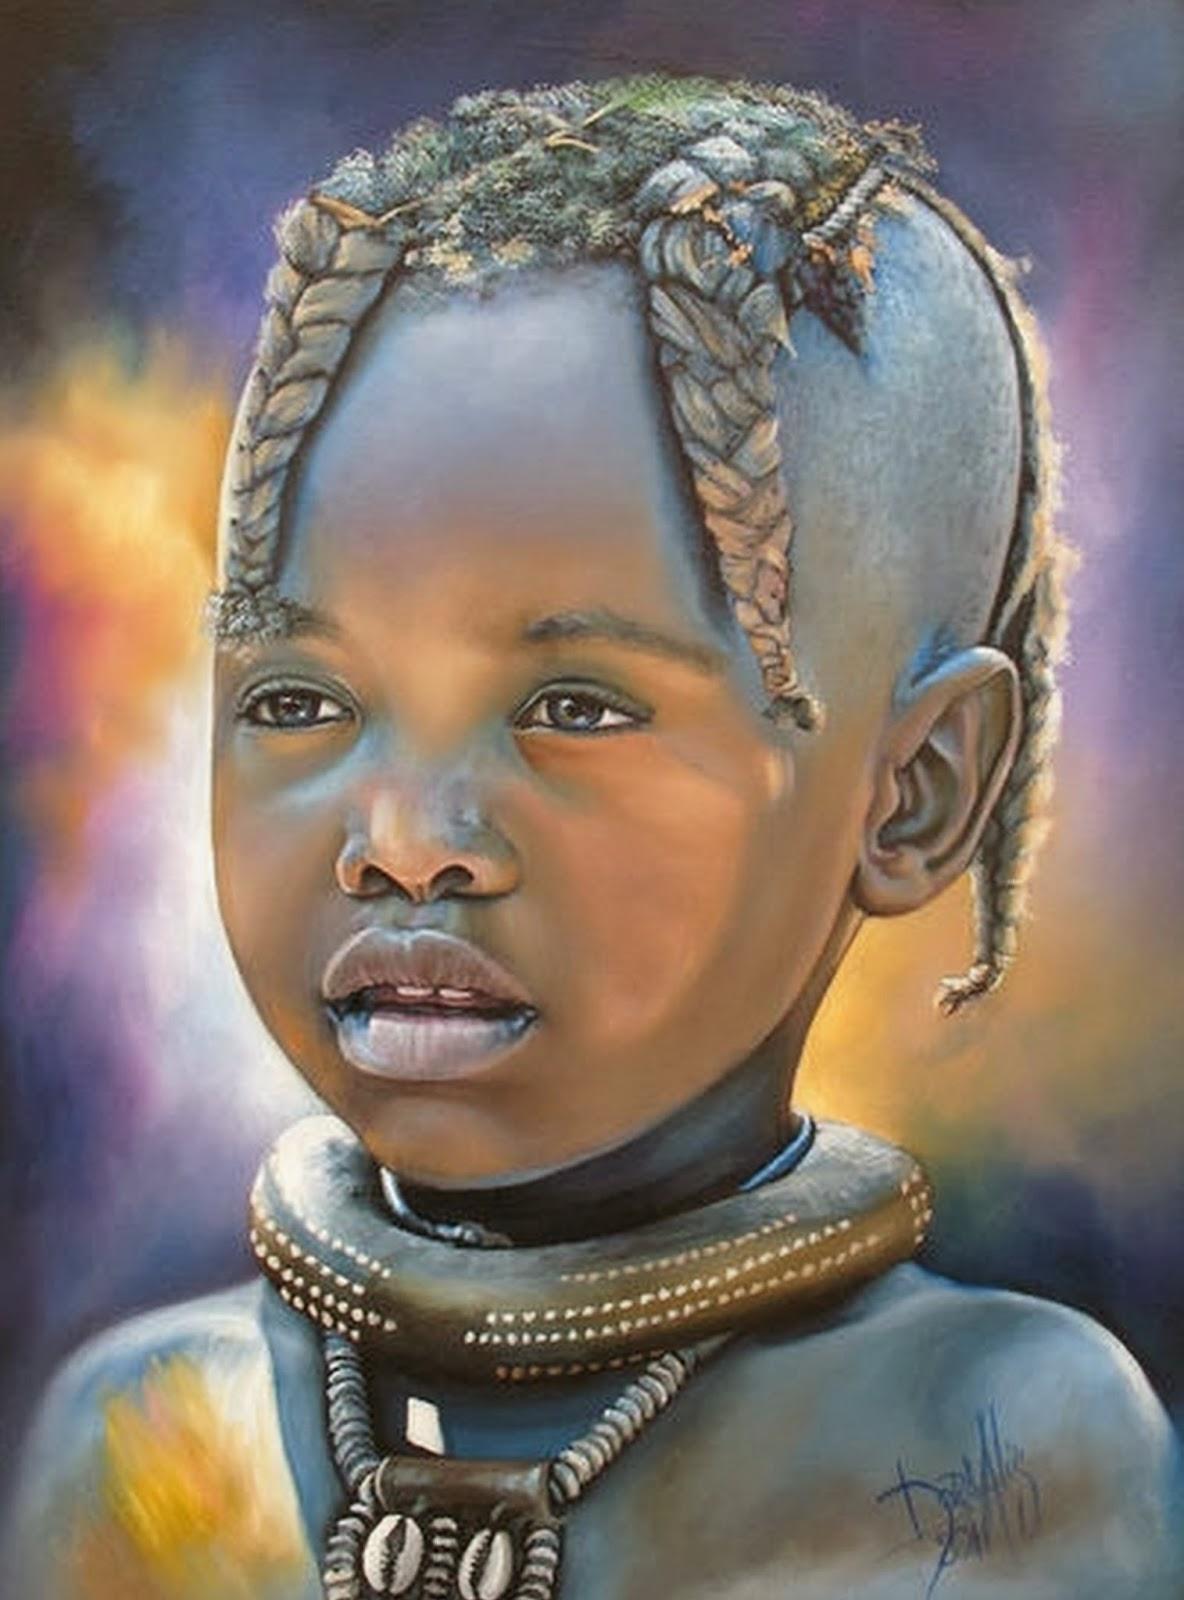 Bienvenidos al nuevo foro de apoyo a Noe #322 / 13.06.16 ~ 23.06.16 - Página 37 Cuadros-de-negras-aficanas+(6)